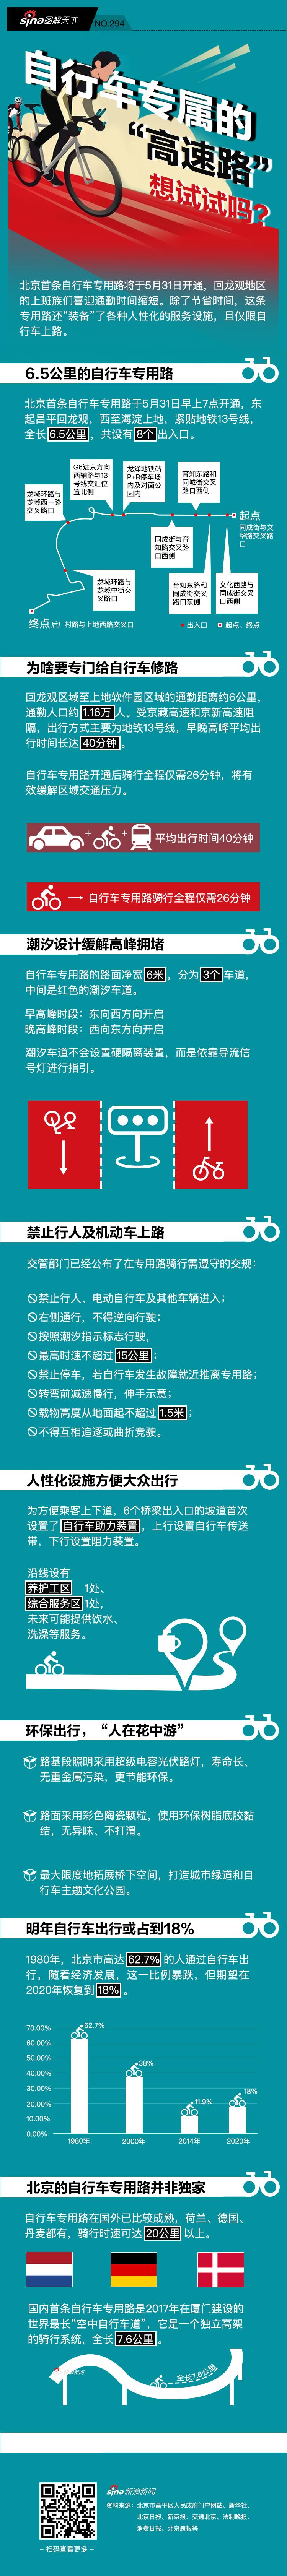 """北京有了自行车专属的""""高速路"""",想试试吗?丨新浪大发5分快乐8规律分析—大发平台图解天下"""